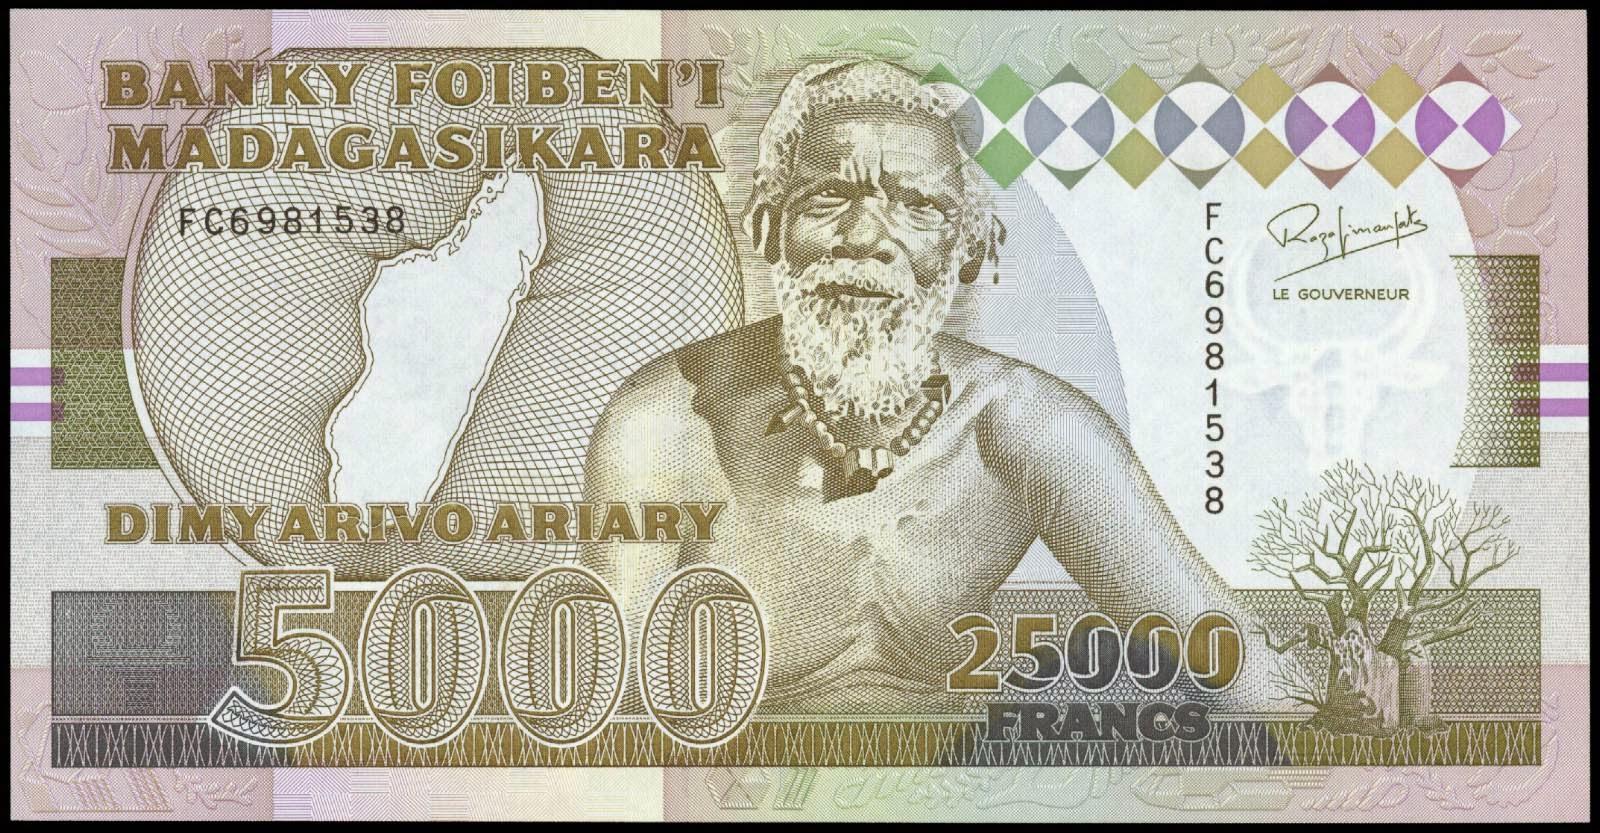 Madagascar banknotes 25000 Francs 5000 Ariary